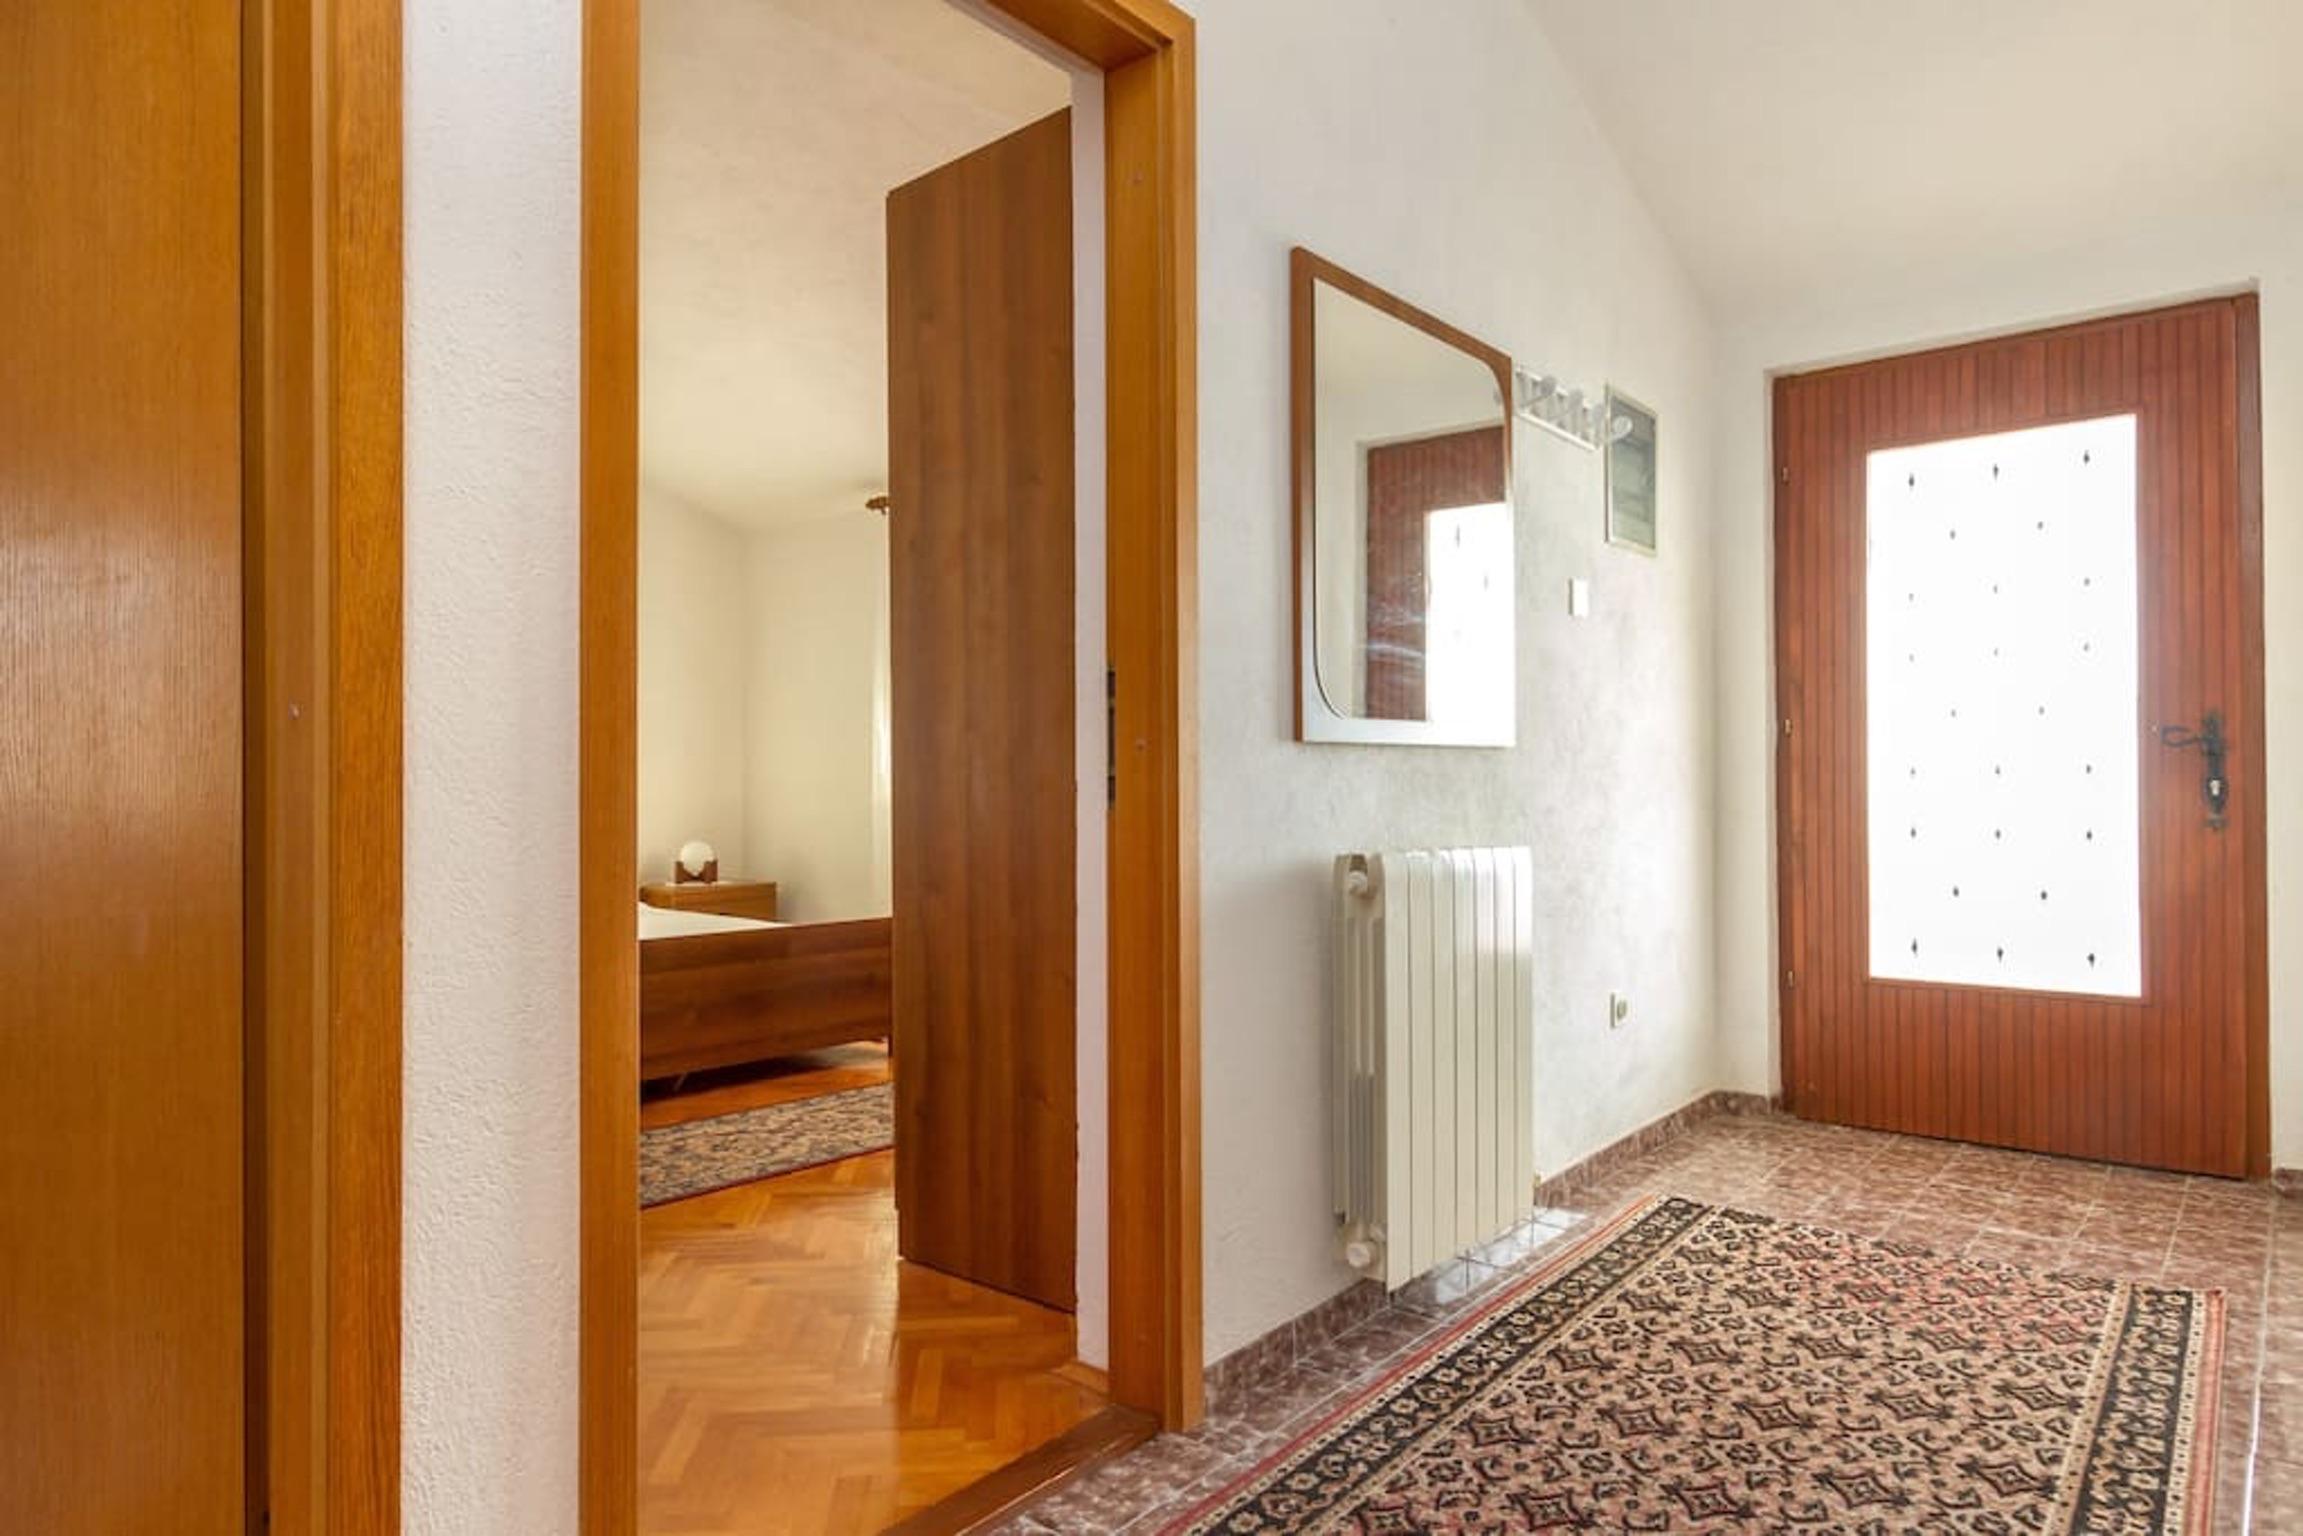 Ferienwohnung Wohnung mit 3 Zimmern in Seget Vranjica mit herrlichem Meerblick und eingezäuntem Garten - (2339638), Seget Donji, , Dalmatien, Kroatien, Bild 8